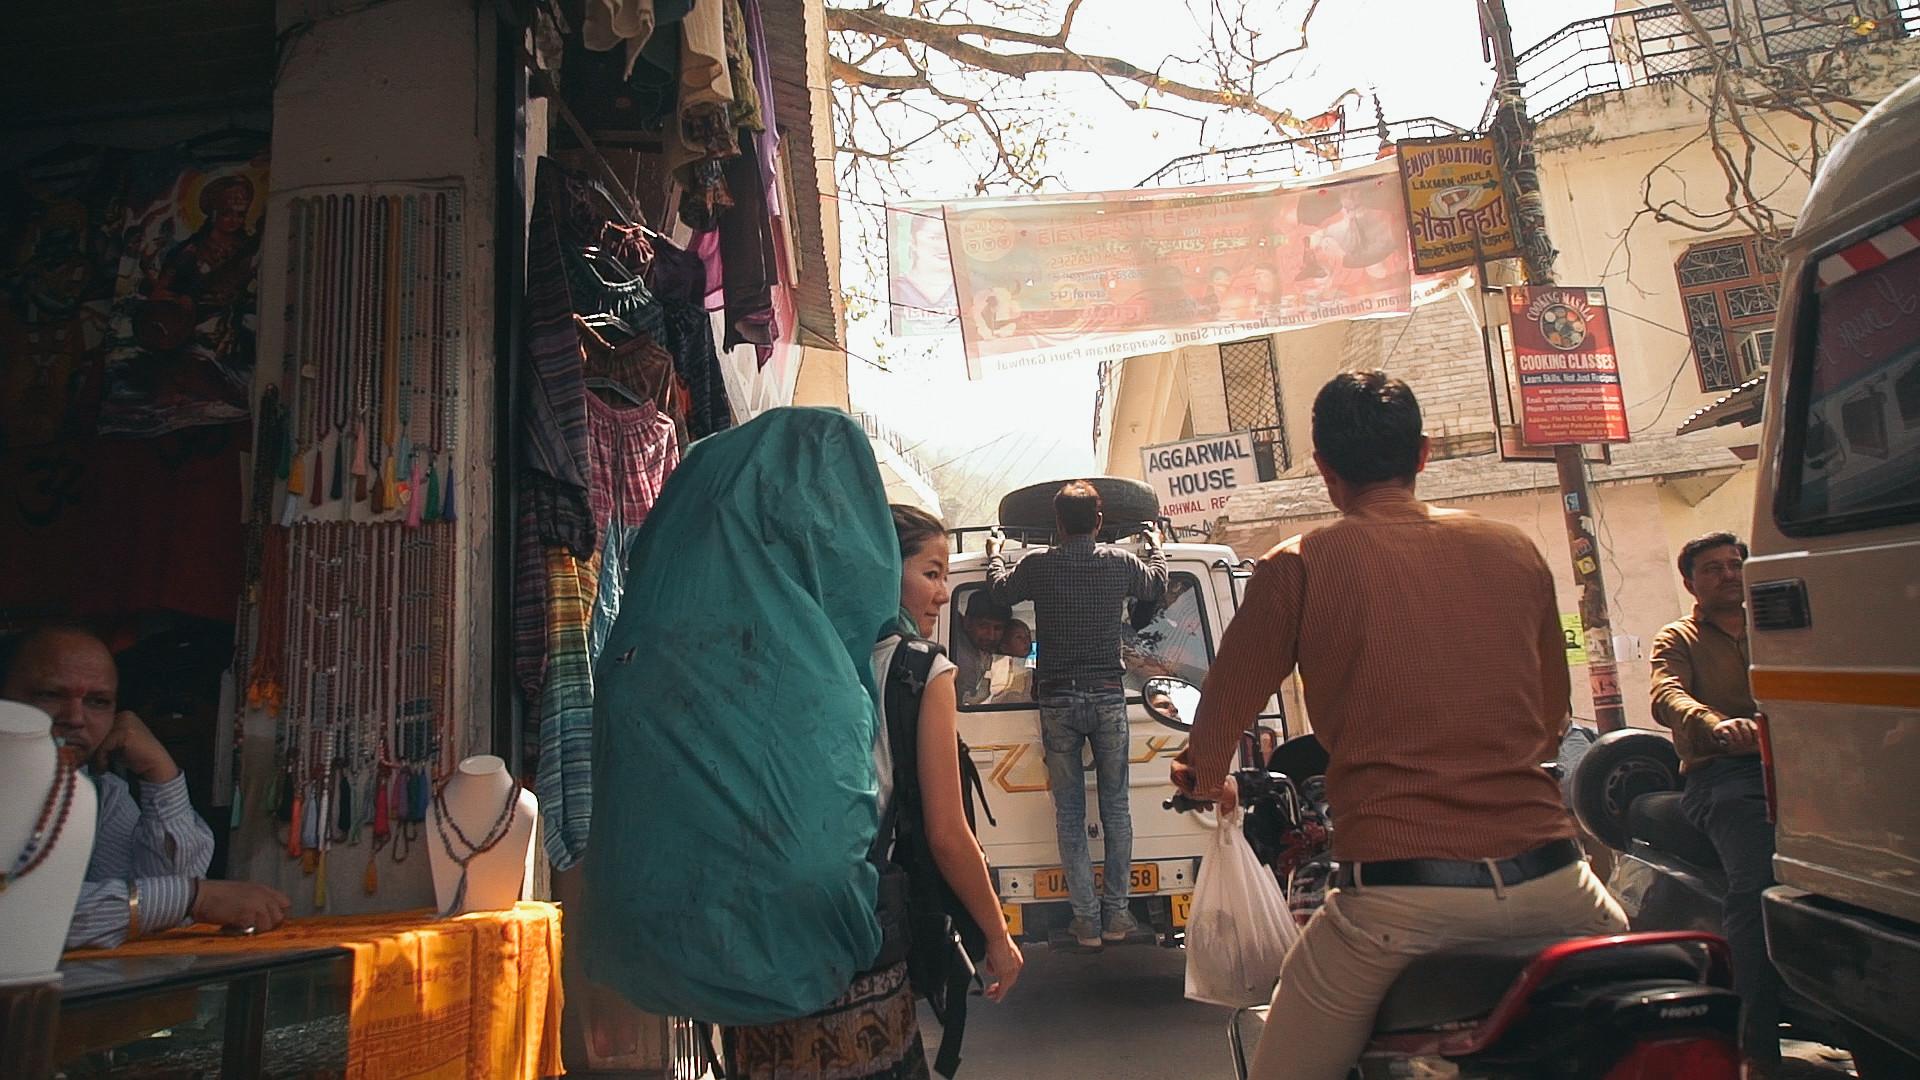 170309_India_edit.00_33_37_15.Still032-2.jpg